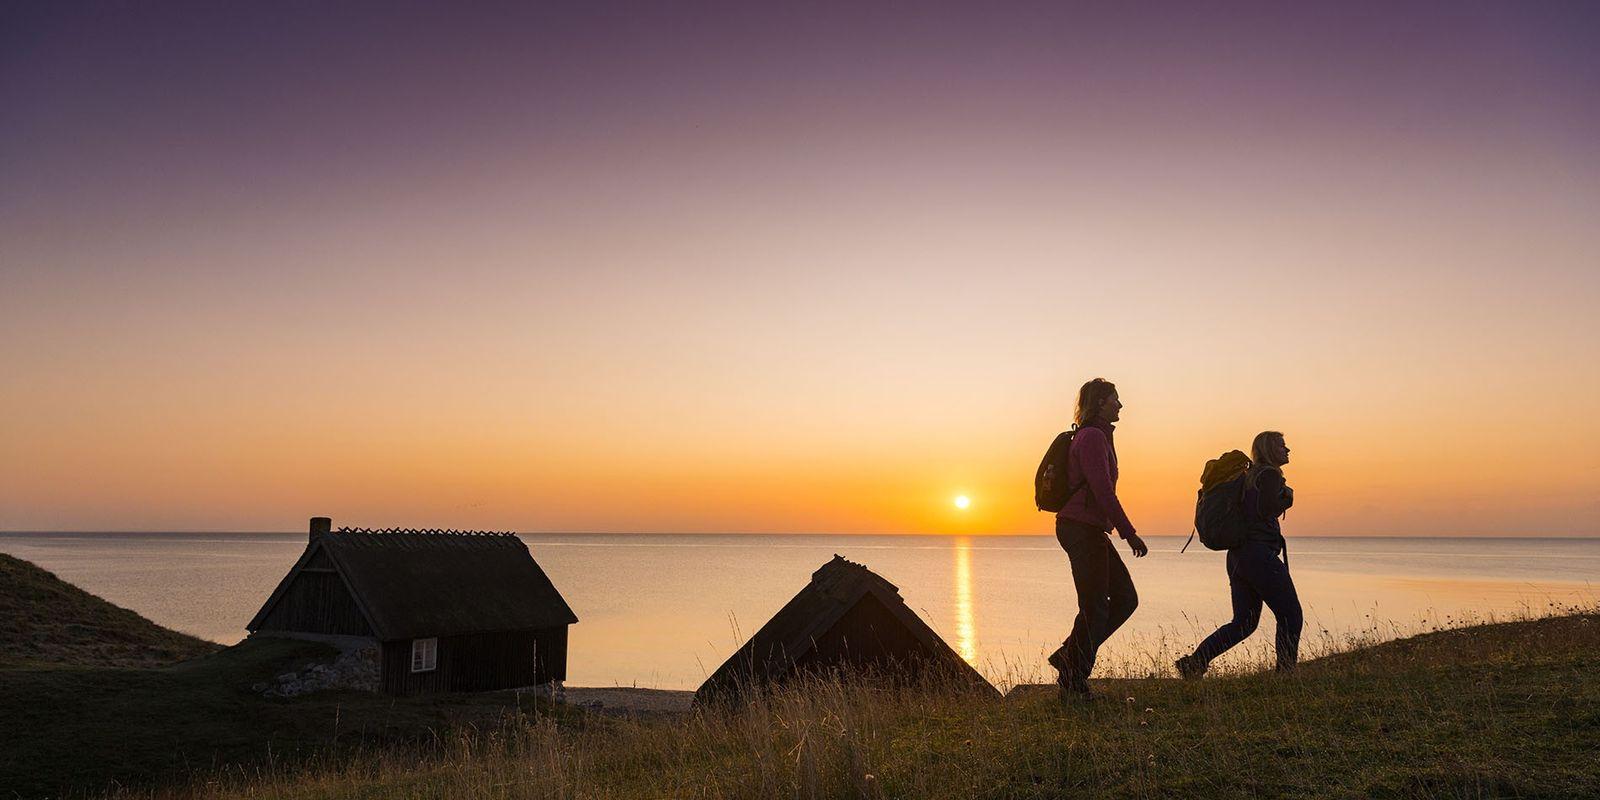 Top 10: unmissable stops along the Skåneleden hiking trail